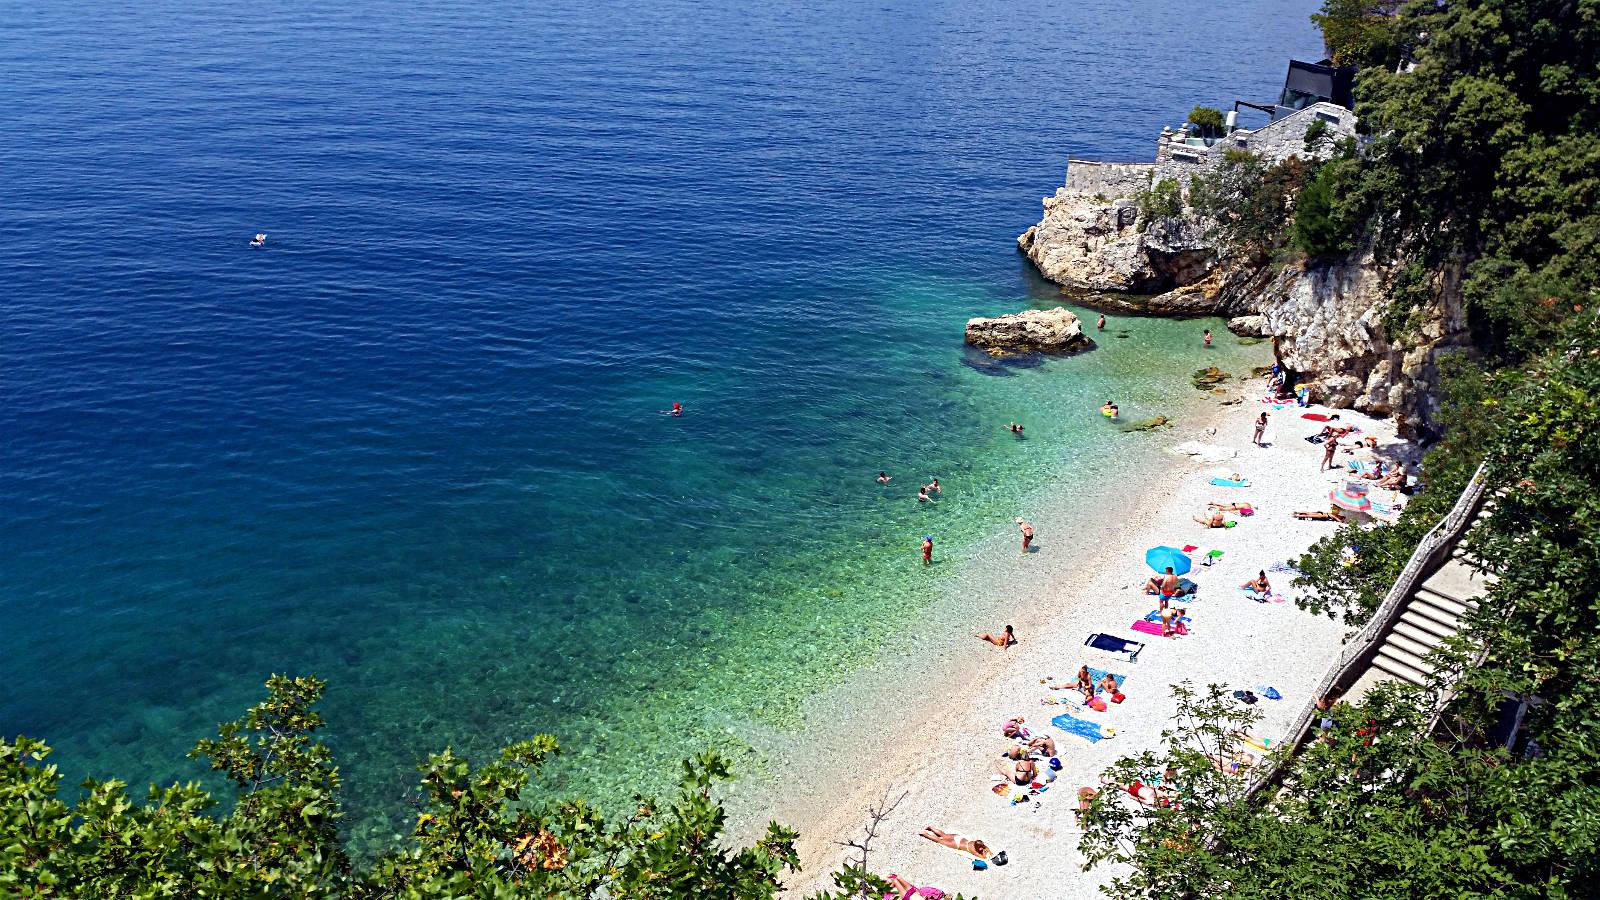 Hrvatski Villa Anica Apartman U Rijeci 385 91 5297